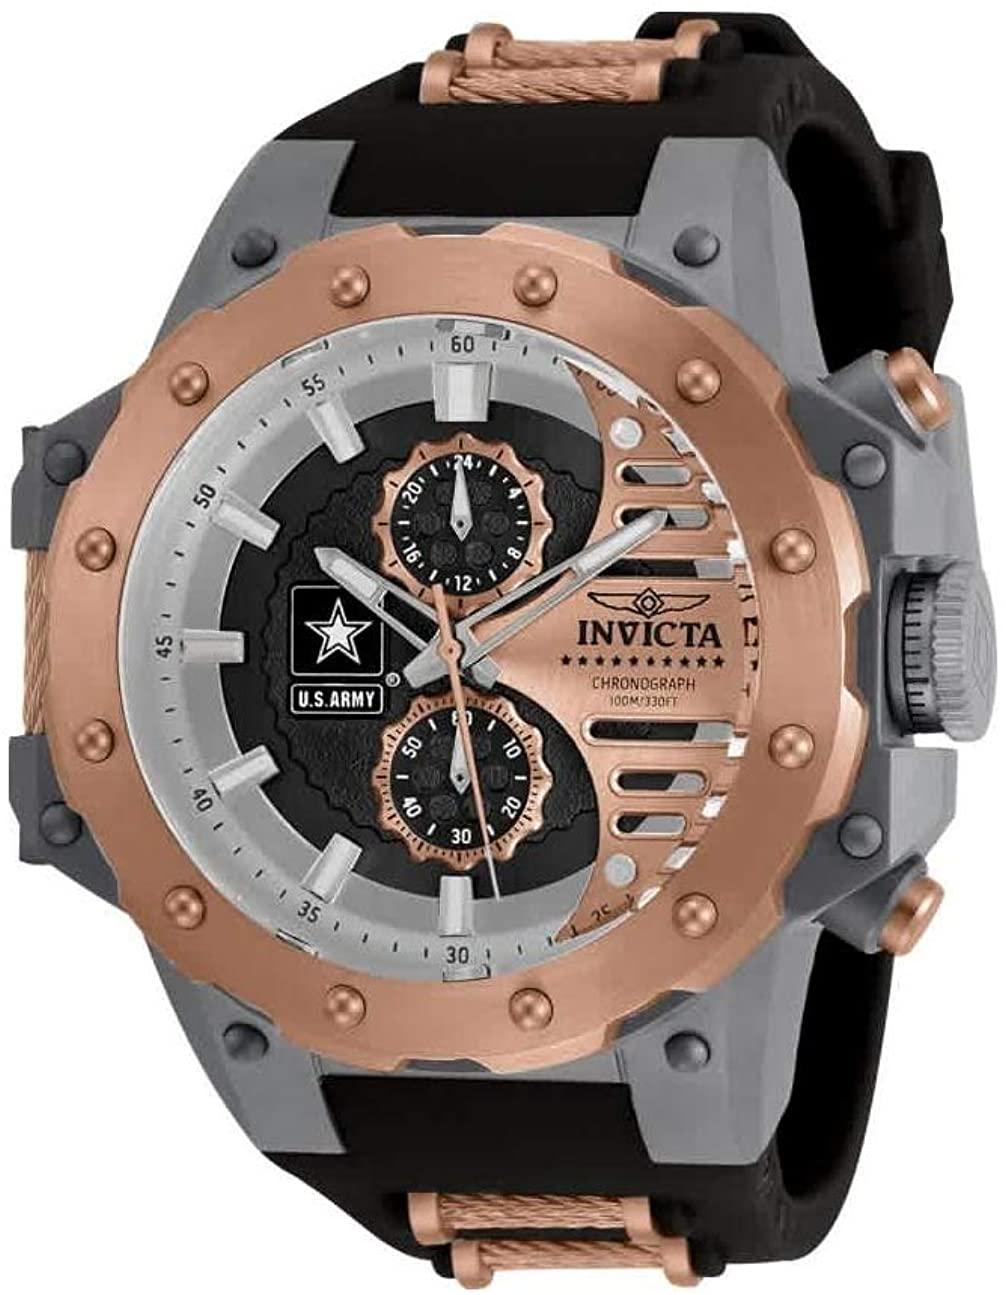 無料ラッピングでプレゼントや贈り物にも 超特価SALE開催 逆輸入並行輸入送料込 腕時計 インヴィクタ インビクタ メンズ 送料無料 Invicta 定価 U.S. 32985腕時計 Army Men's Watch Quartz